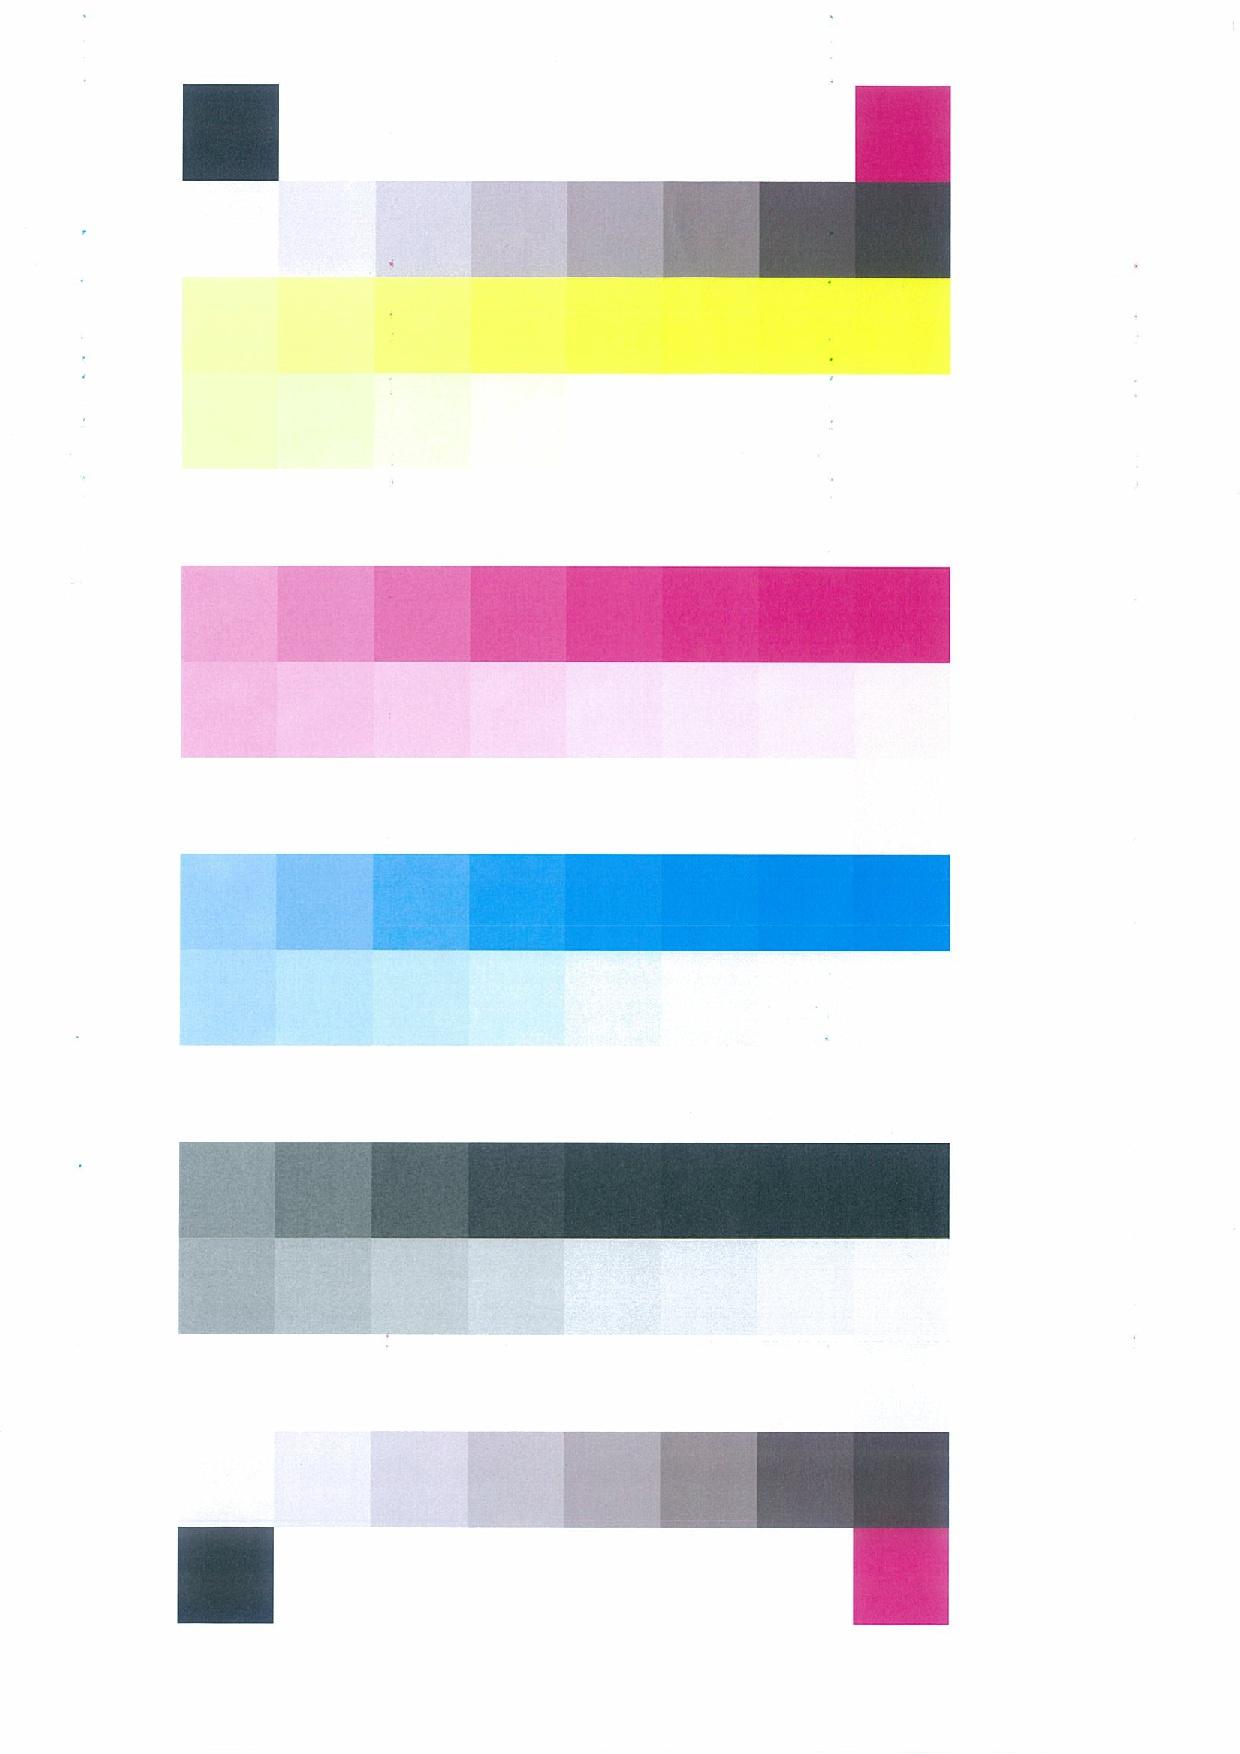 Internal print pattern